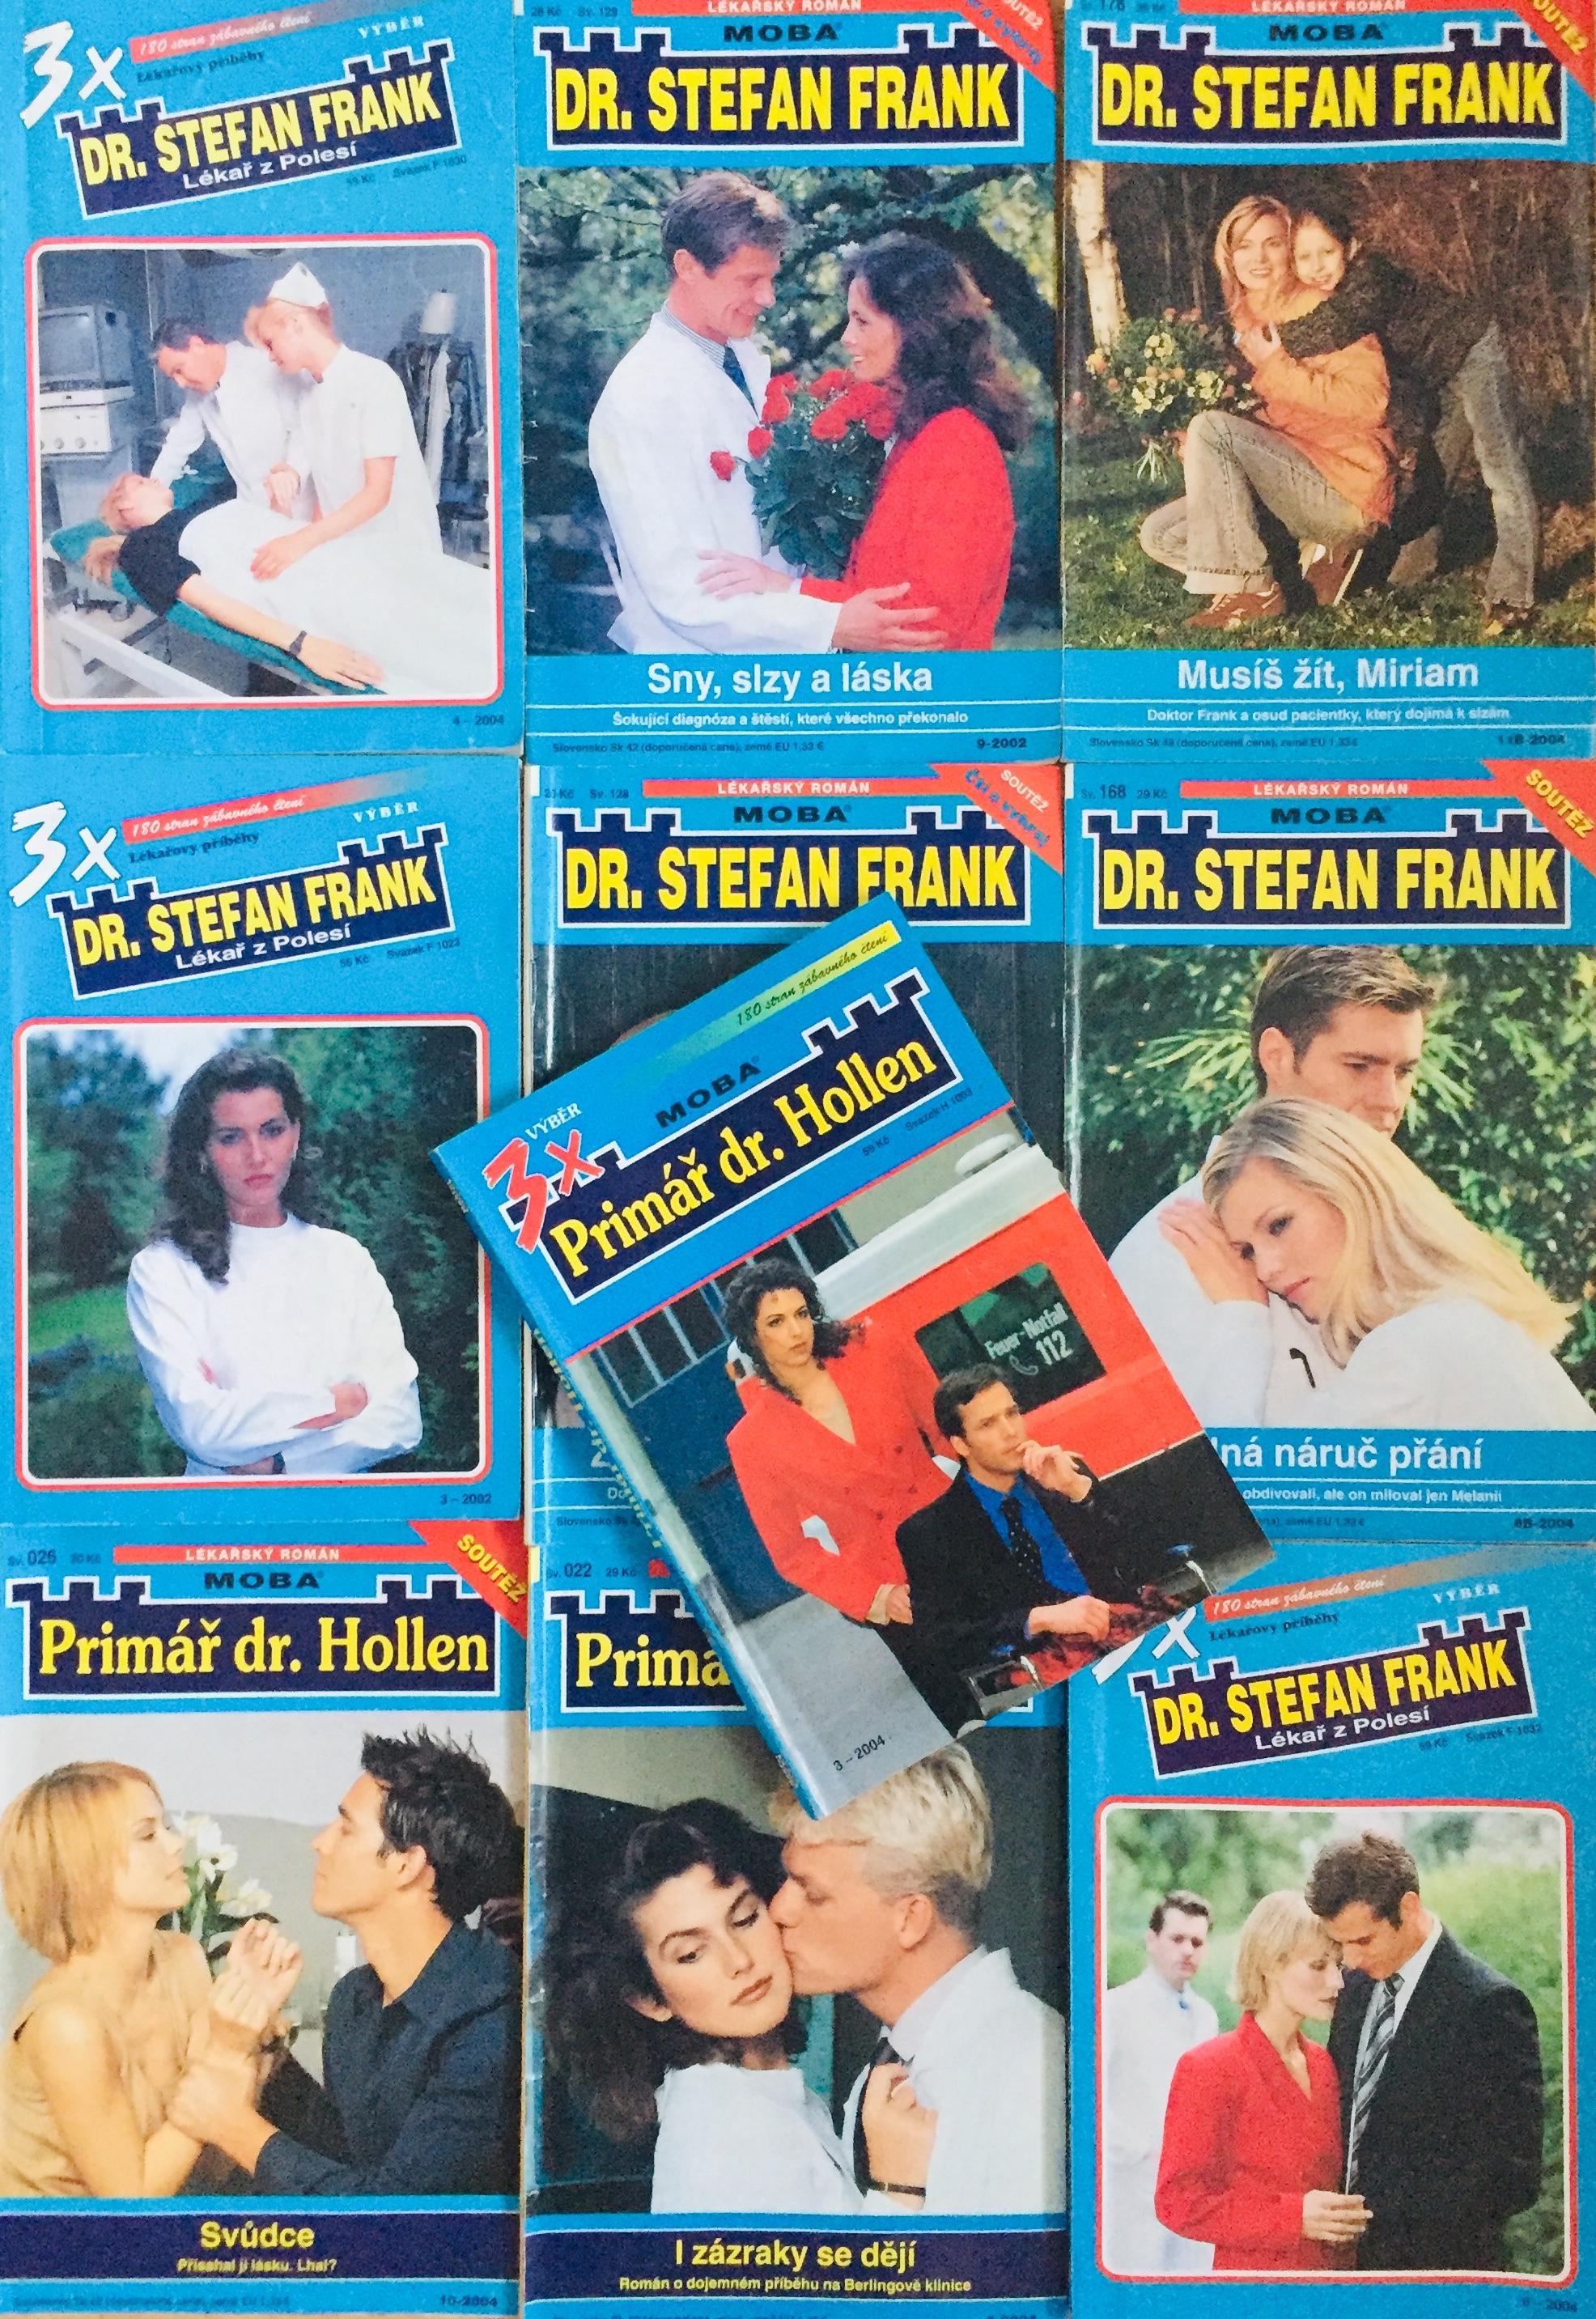 Velká knižní kolekce Harlequin 25. - 10x bazarová kniha